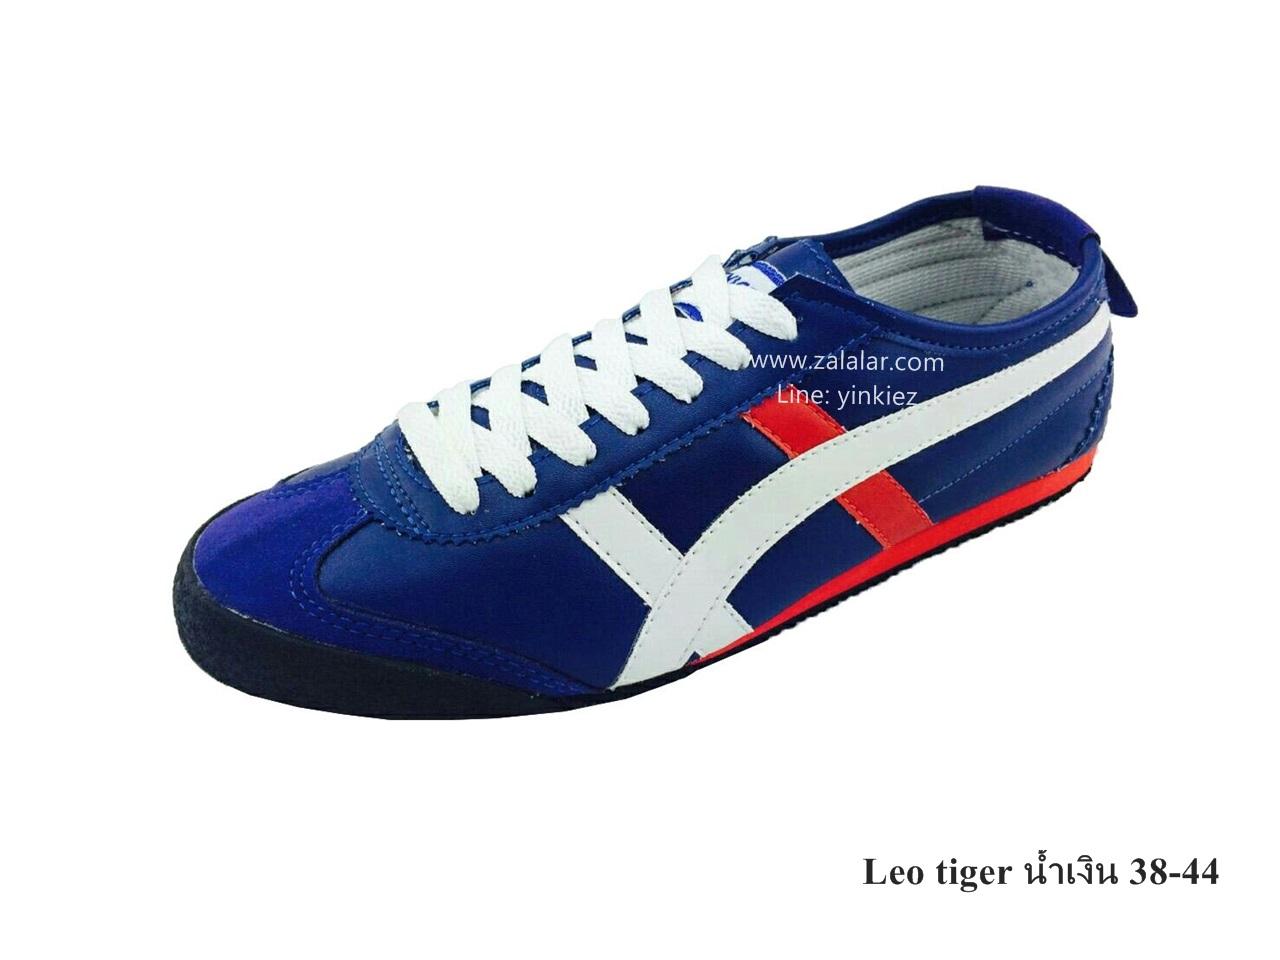 [พร้อมส่ง] รองเท้าผ้าใบแฟชั่น รุ่น Leo tiger สีน้ำเงิน แบบหนัง